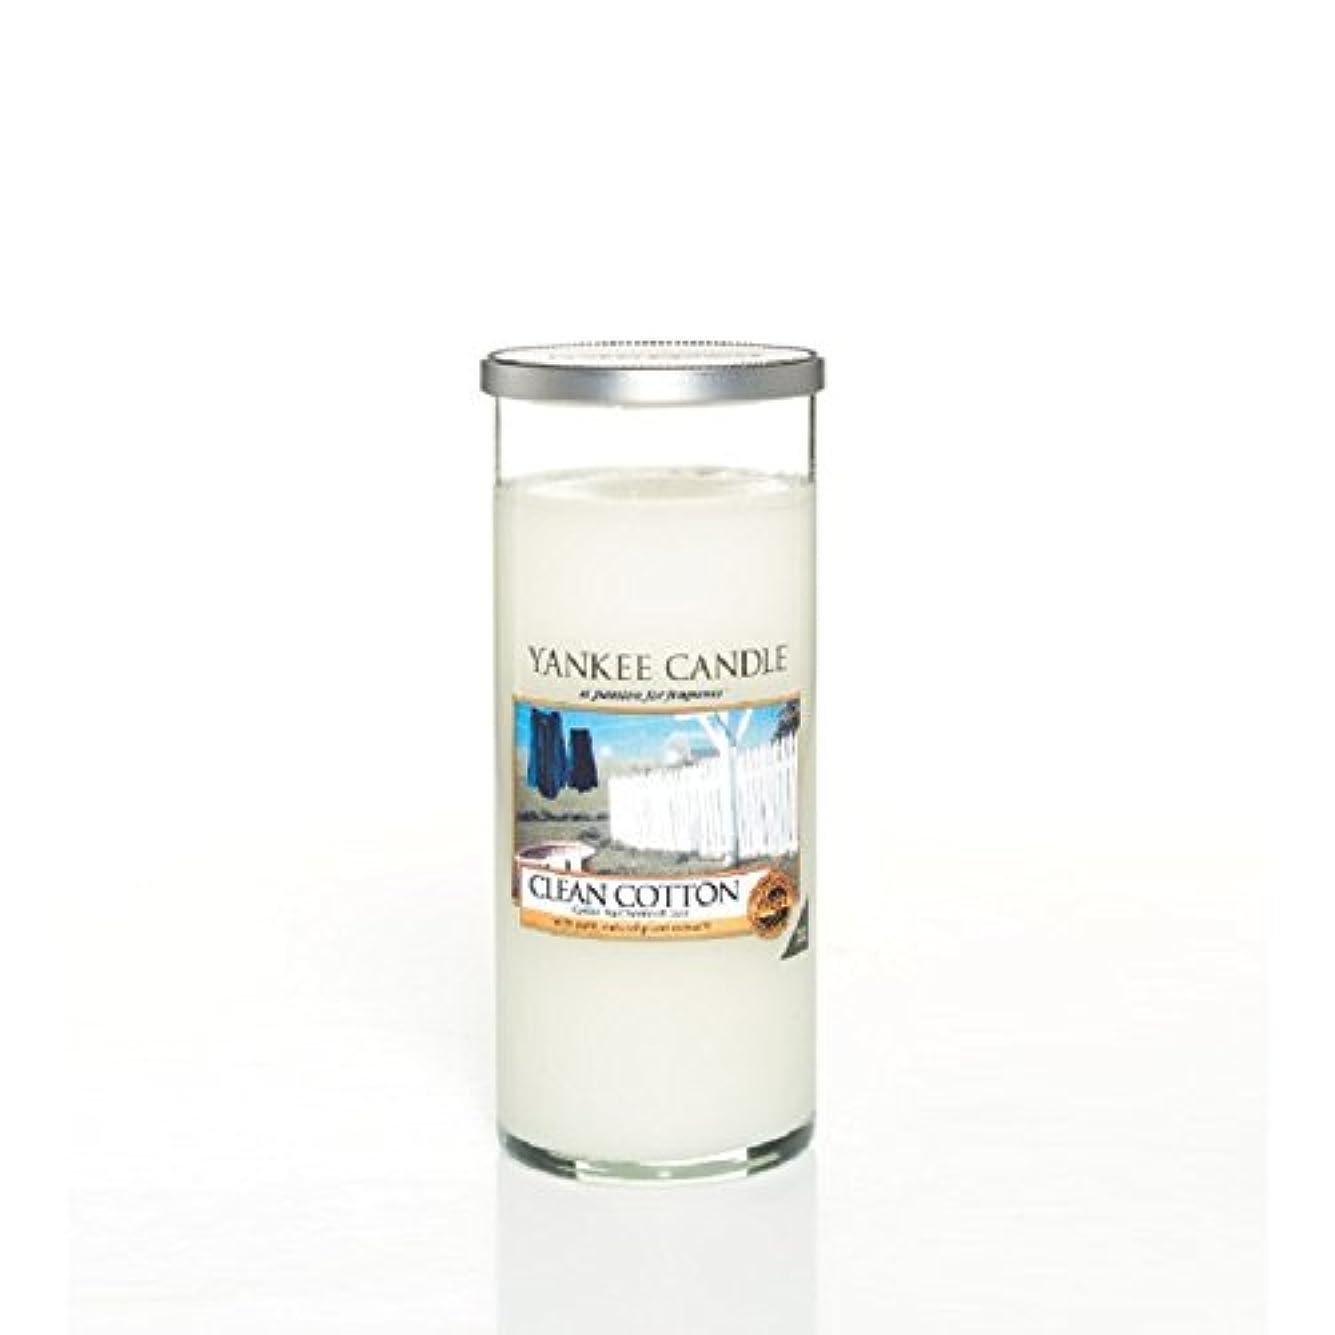 スキームぴかぴかピアースYankee Candles Large Pillar Candle - Clean Cotton (Pack of 6) - ヤンキーキャンドル大きな柱キャンドル - きれいな綿 (x6) [並行輸入品]